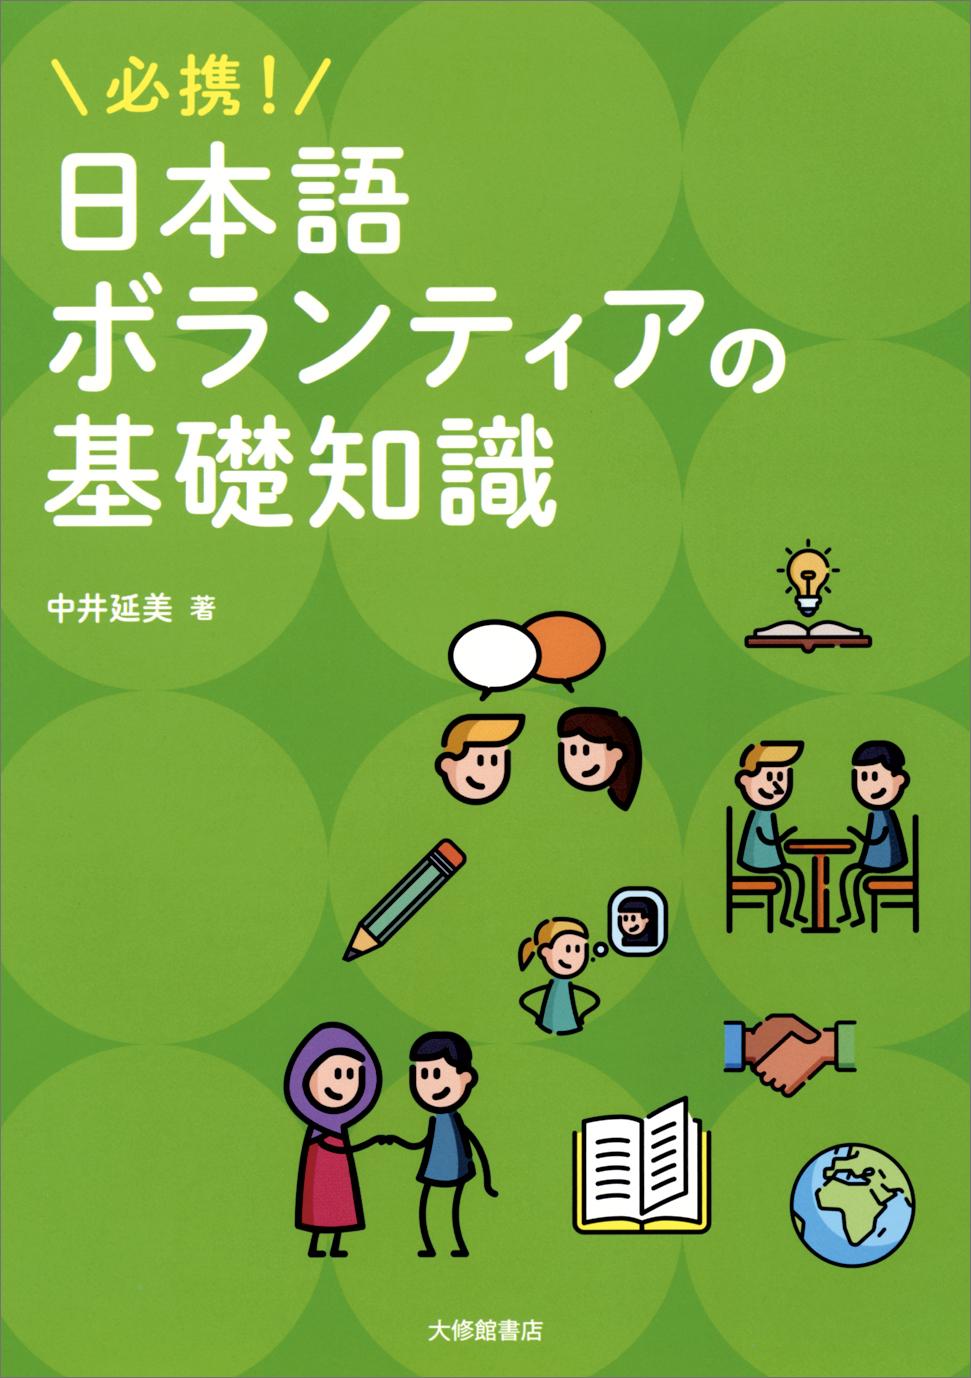 必携!日本語ボランティアの基礎知識画像